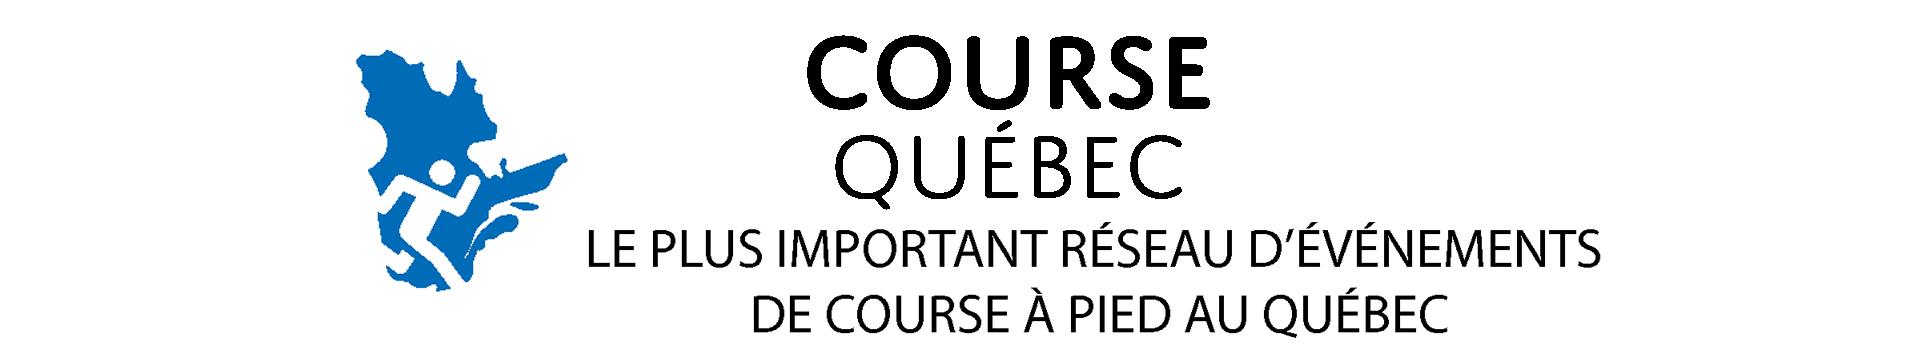 Course Québec -- LE PLUS IMPORTANT RÉSEAU D'ÉVÉNEMENTS  DE COURSE À PIED AU QUÉBEC